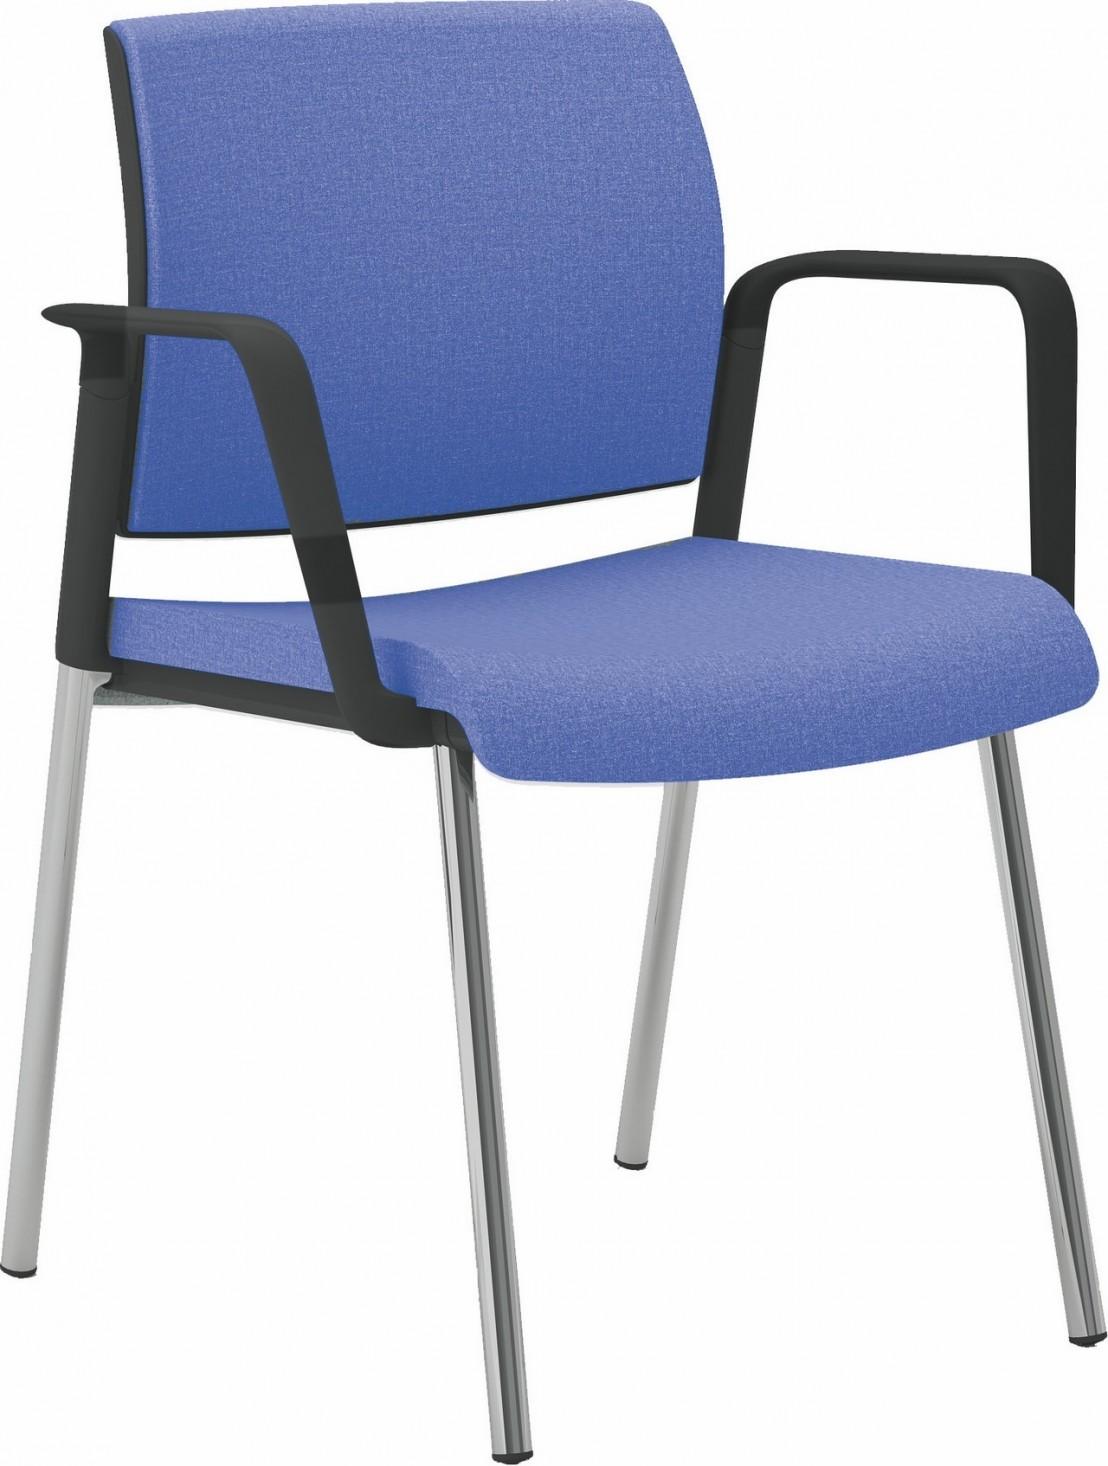 chaise de bureau ou r union avec accoudoirs et 4 pieds. Black Bedroom Furniture Sets. Home Design Ideas